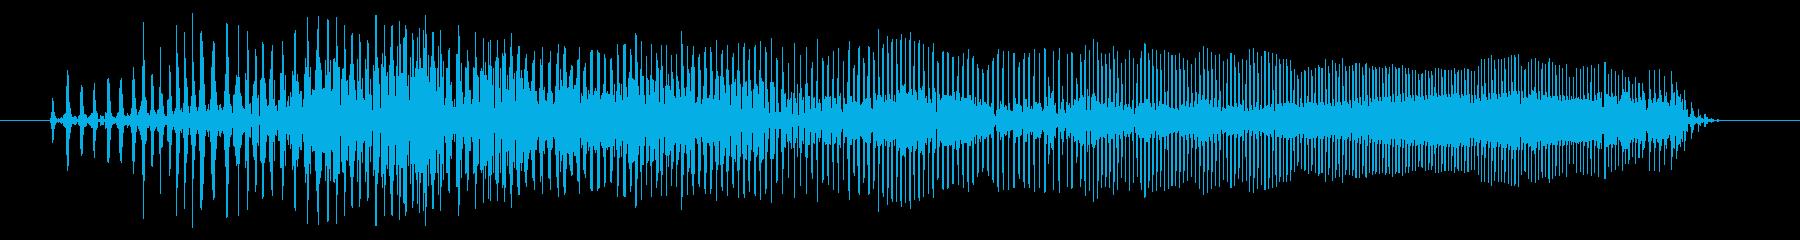 空腹03-3の再生済みの波形